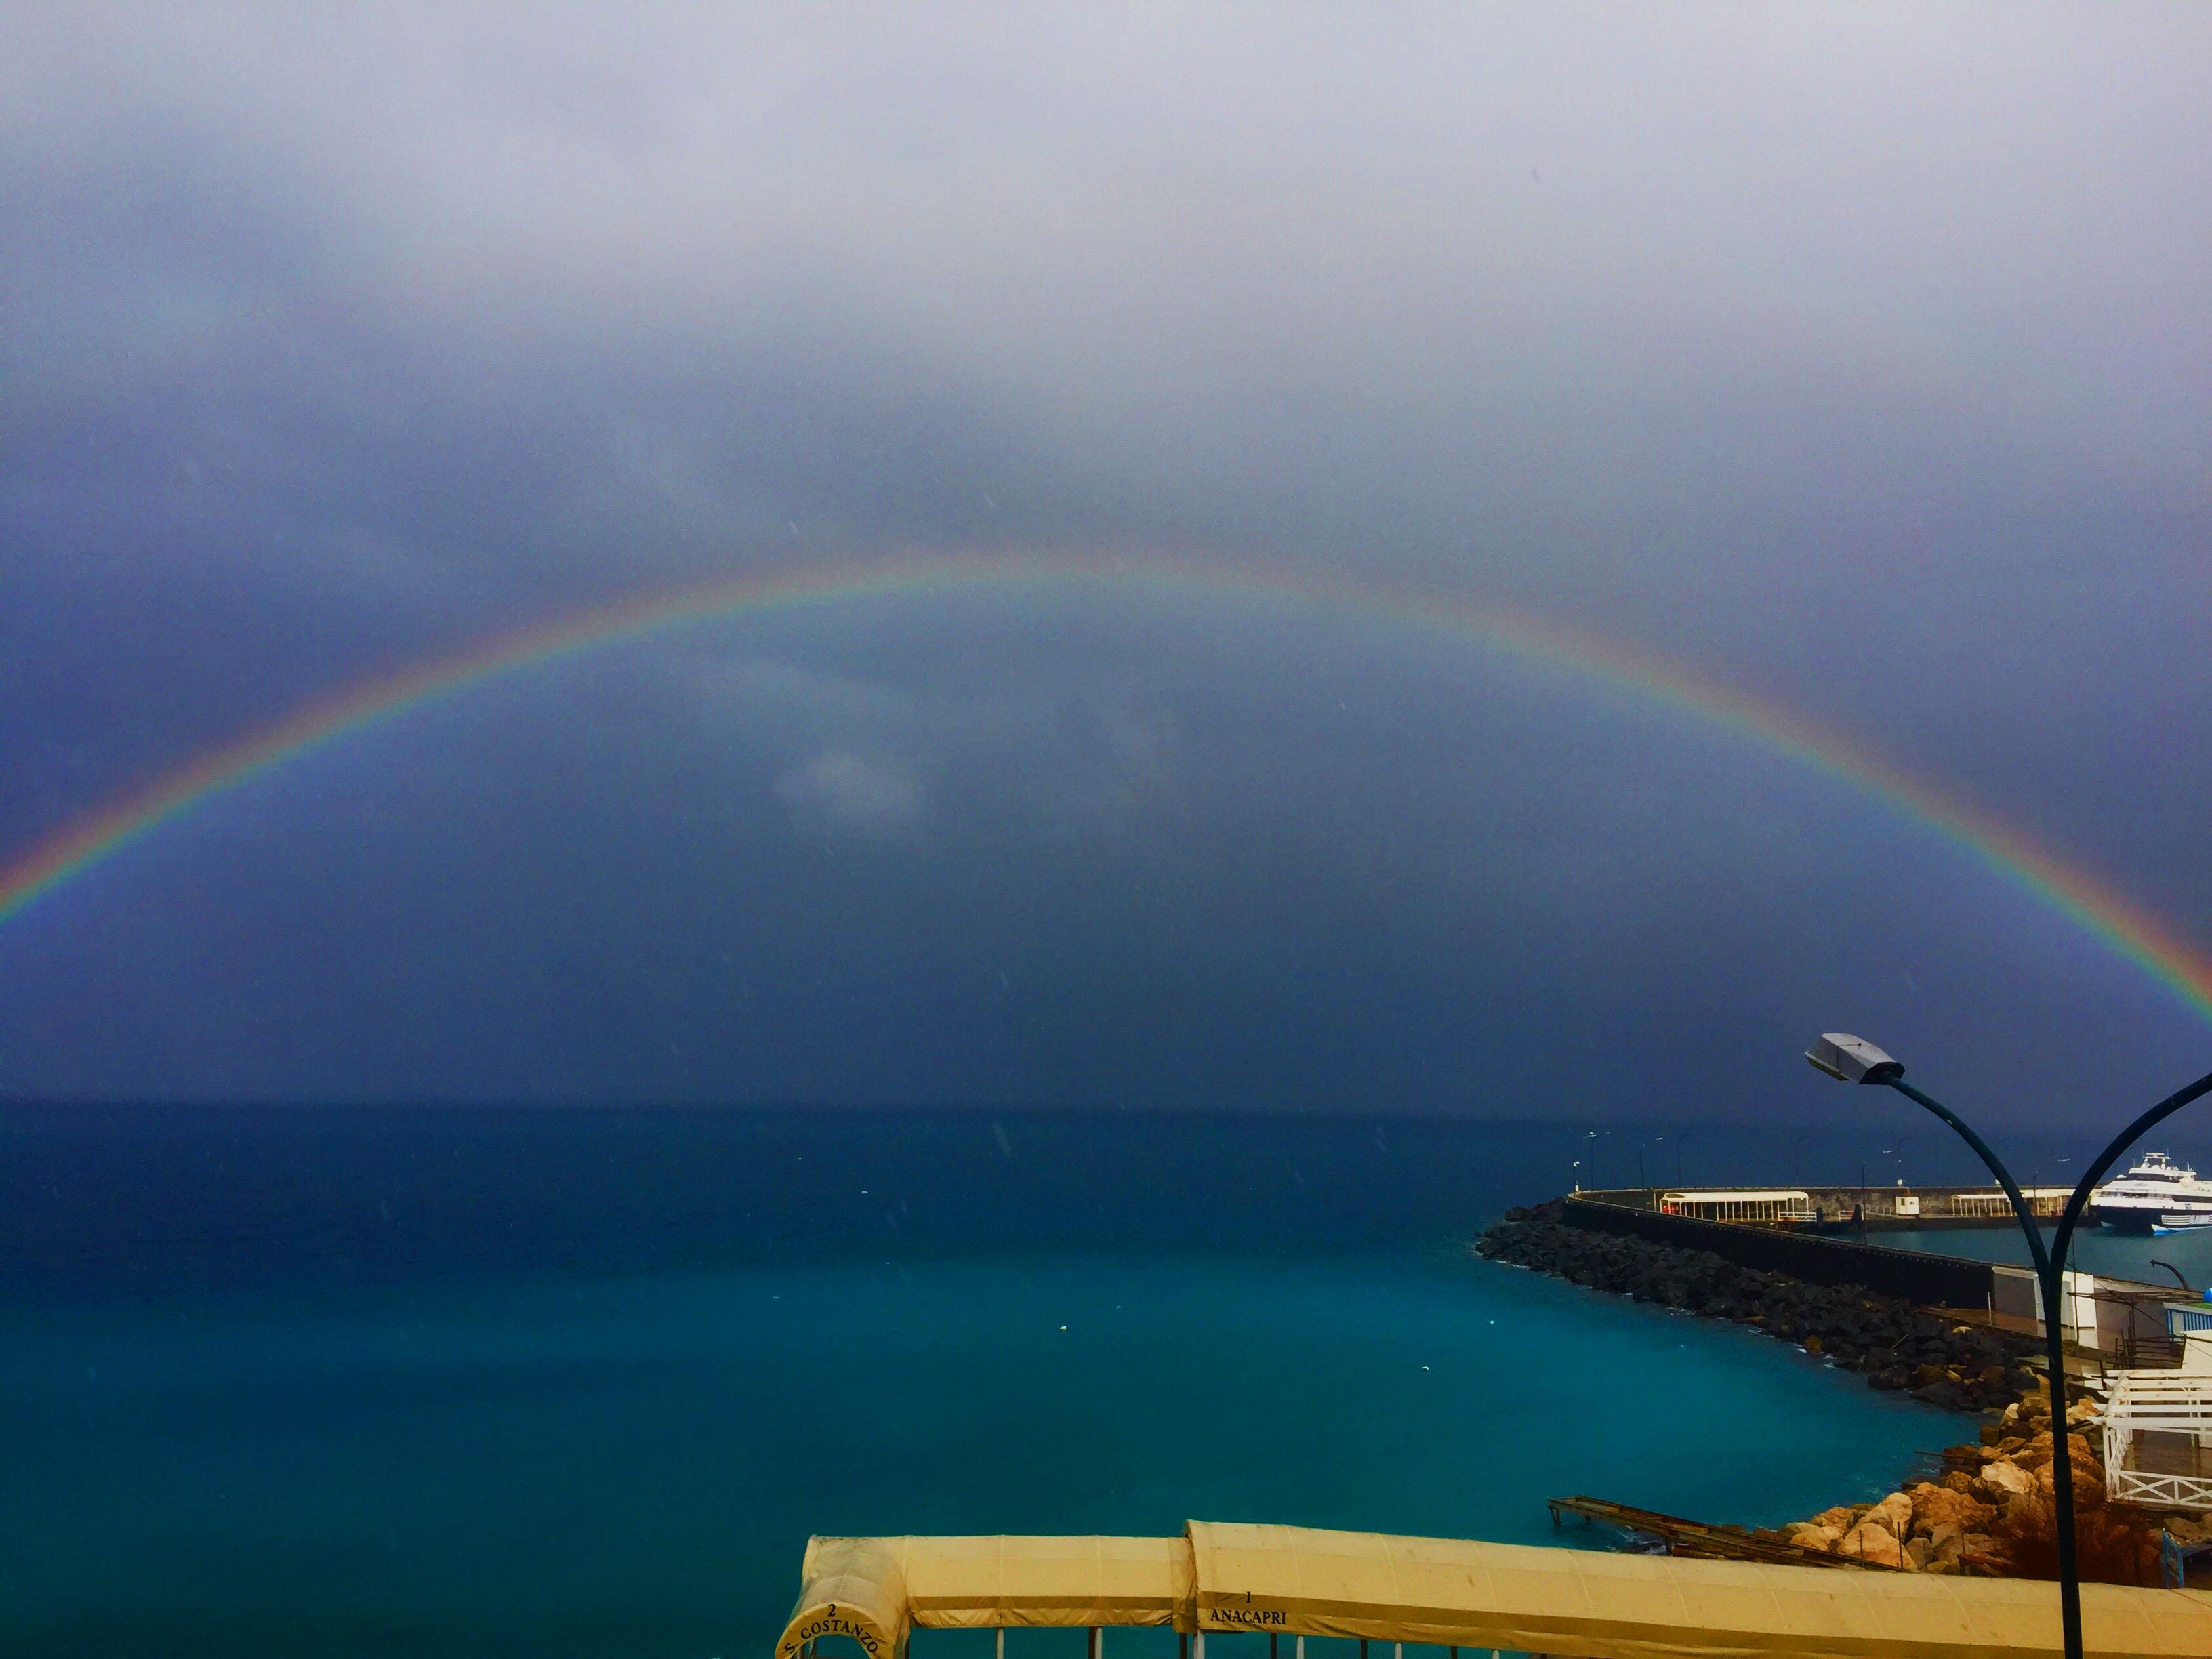 Arcobaleno a Capri, le foto ed i video più spettacolari